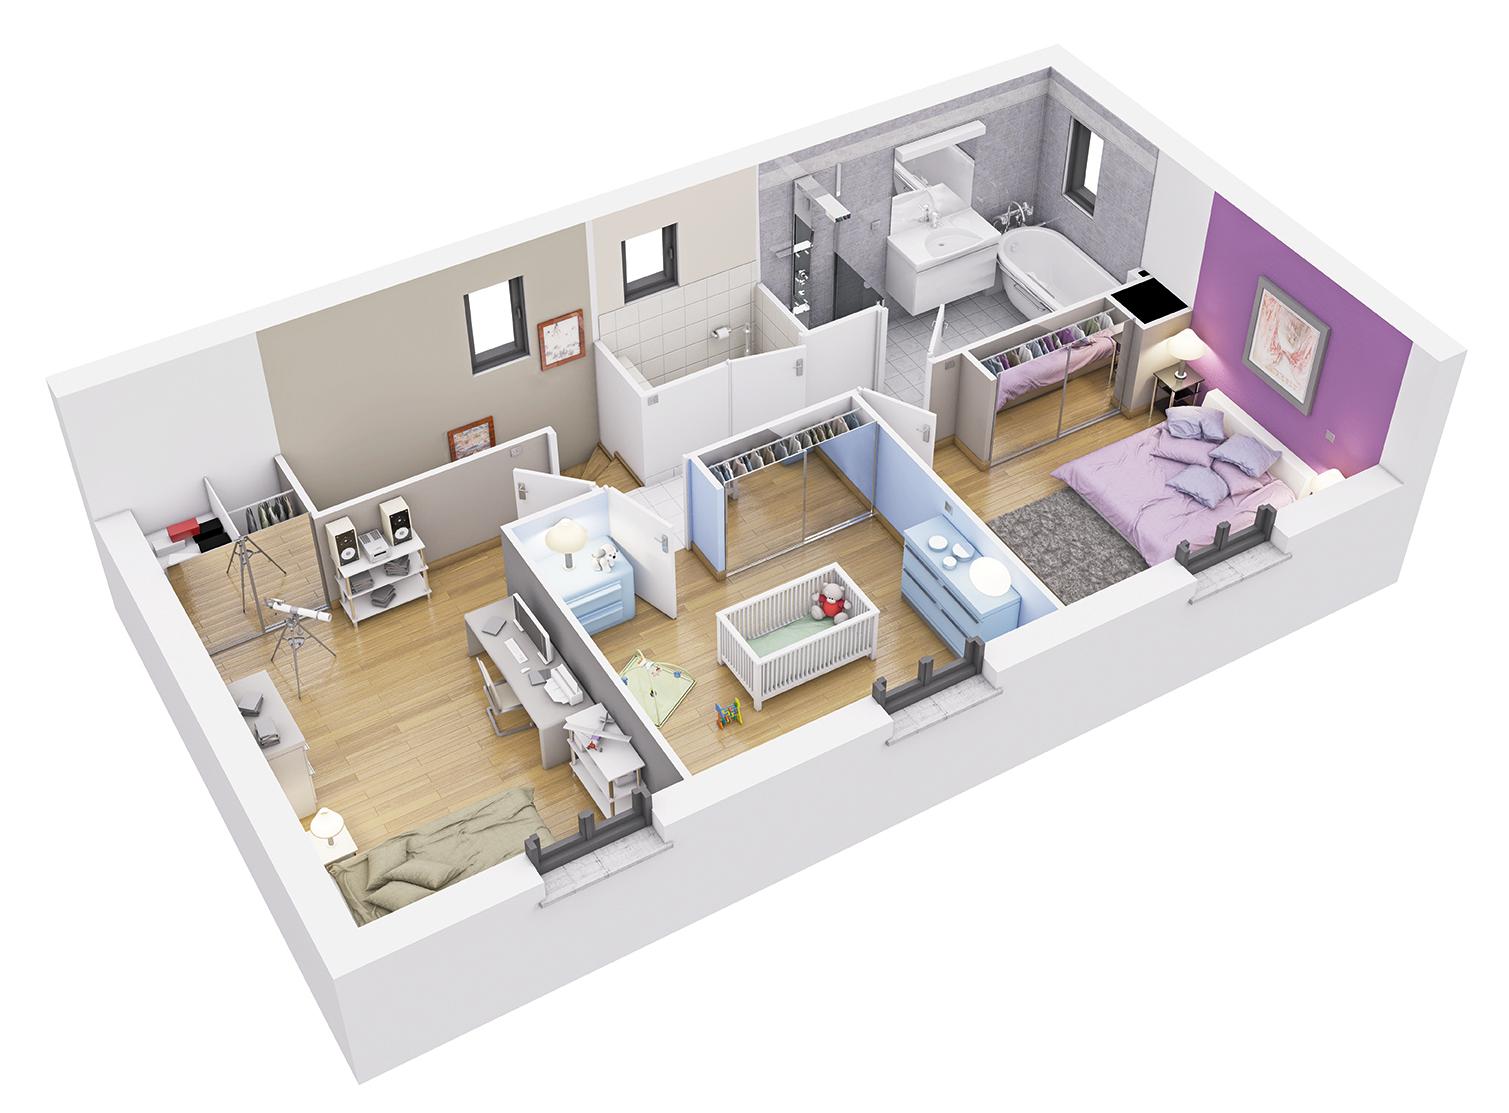 Plan de maison interieur 130 m plan architecte plan - Plan interieur de maison ...